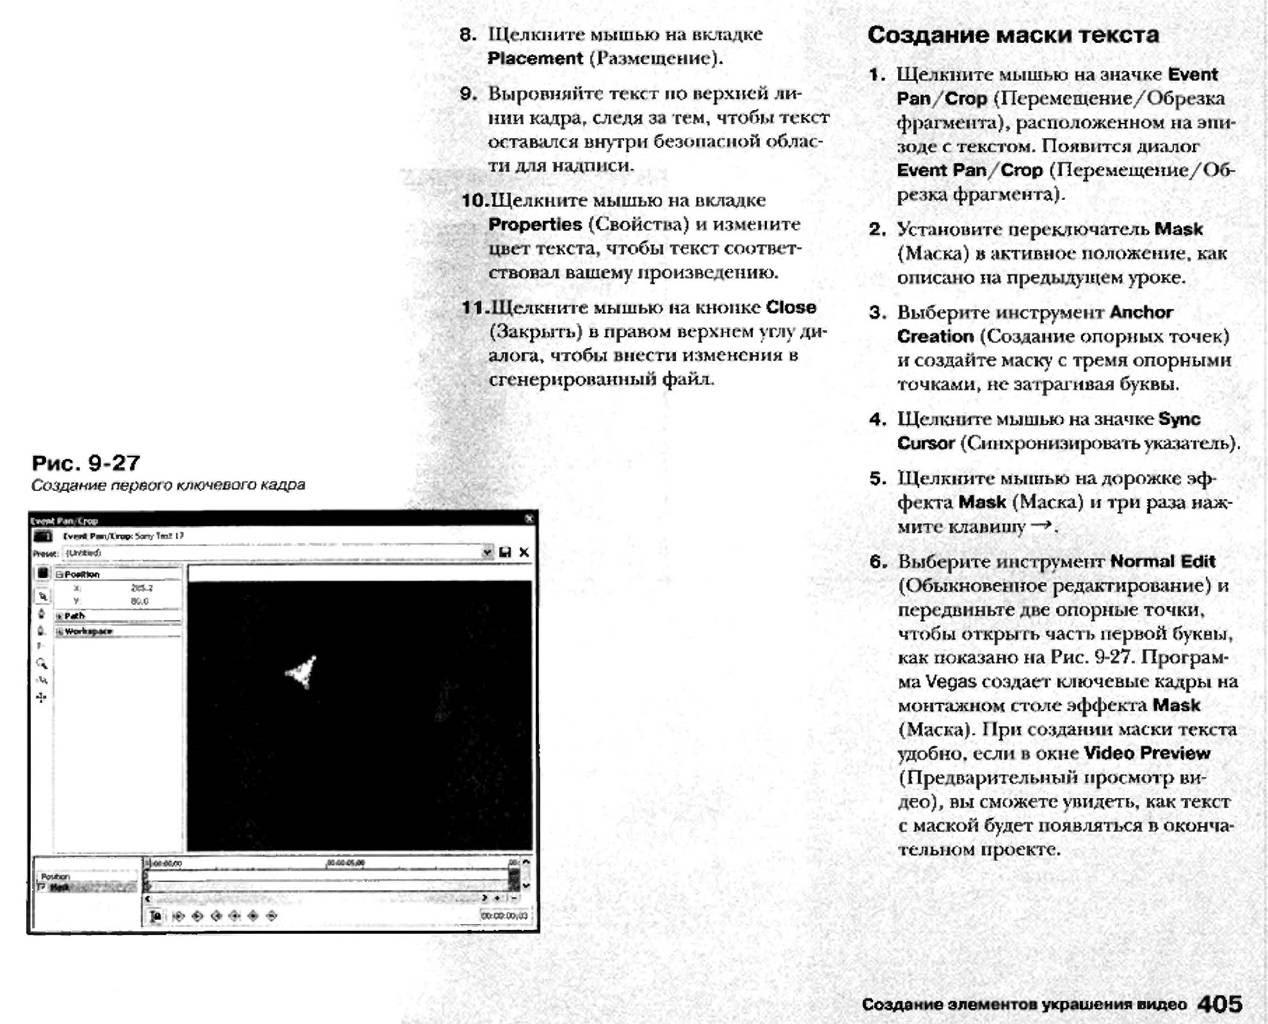 http://redaktori-uroki.3dn.ru/_ph/12/20606776.jpg